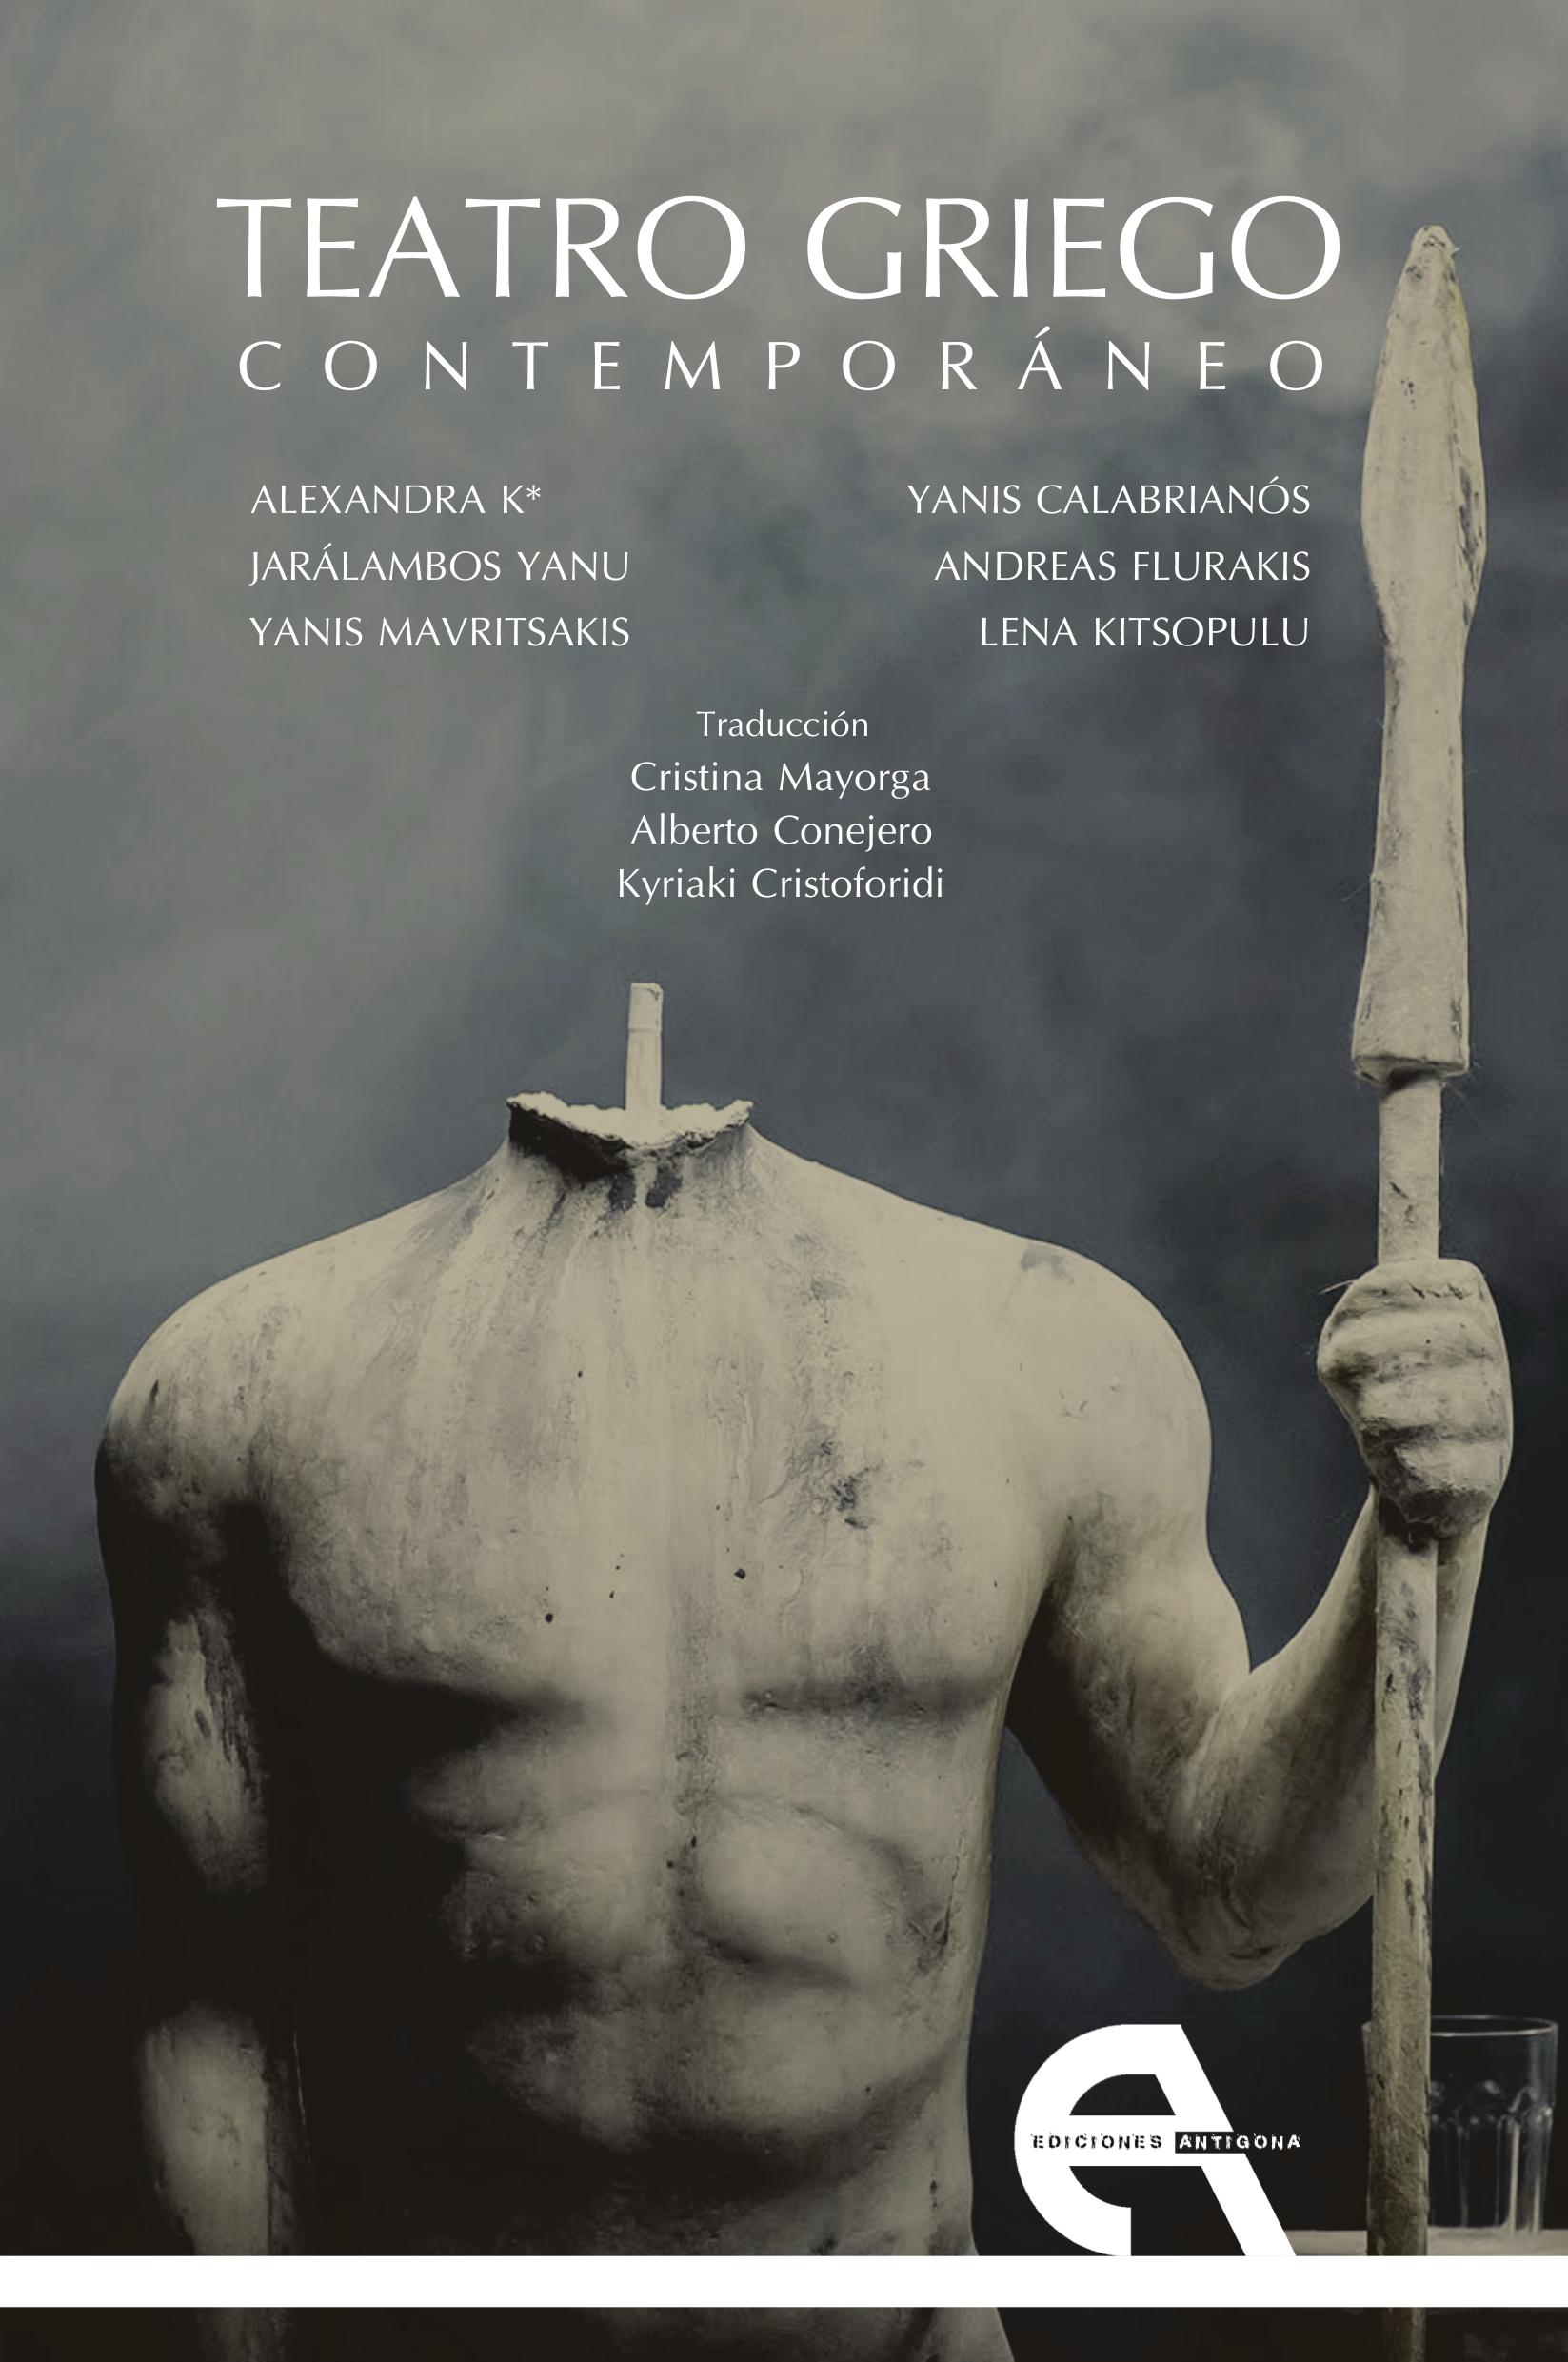 138 Teatro Griego Contemporaneo